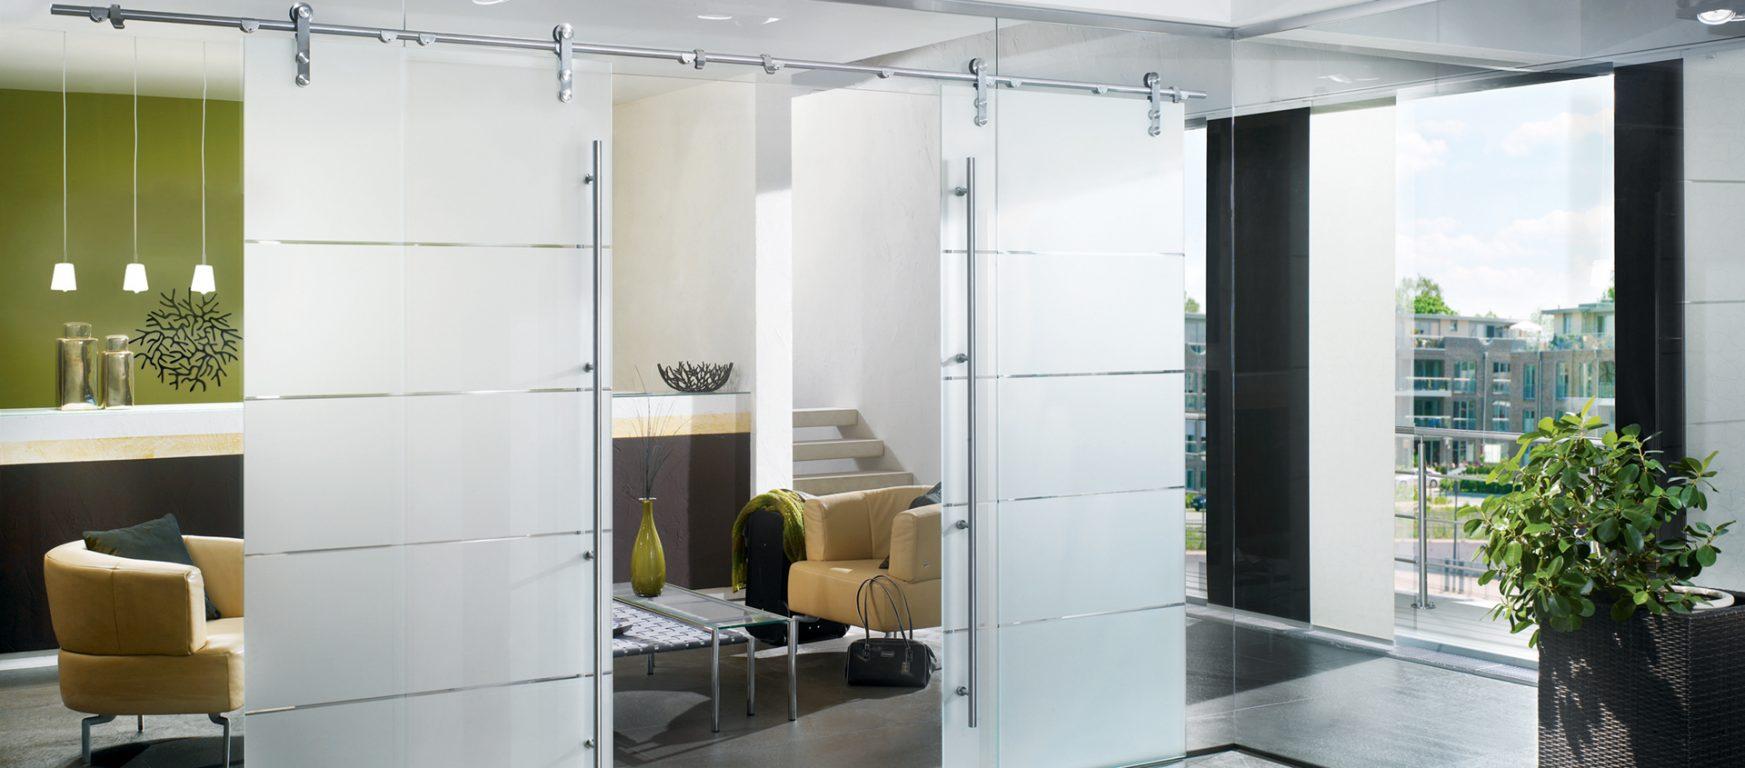 Dorma Manet Sliding Glass Doors